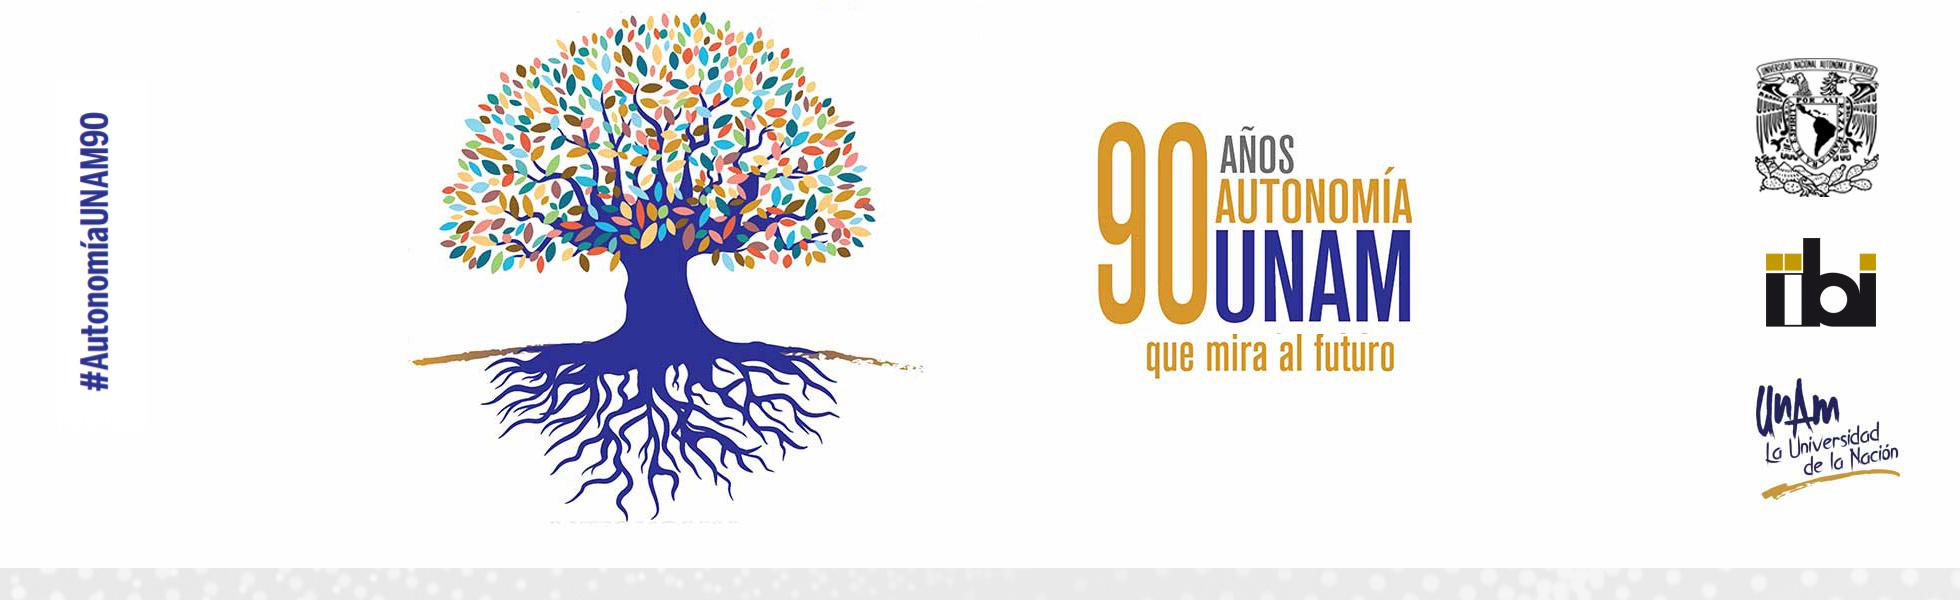 90 años de autonomía,  que mira al futuro